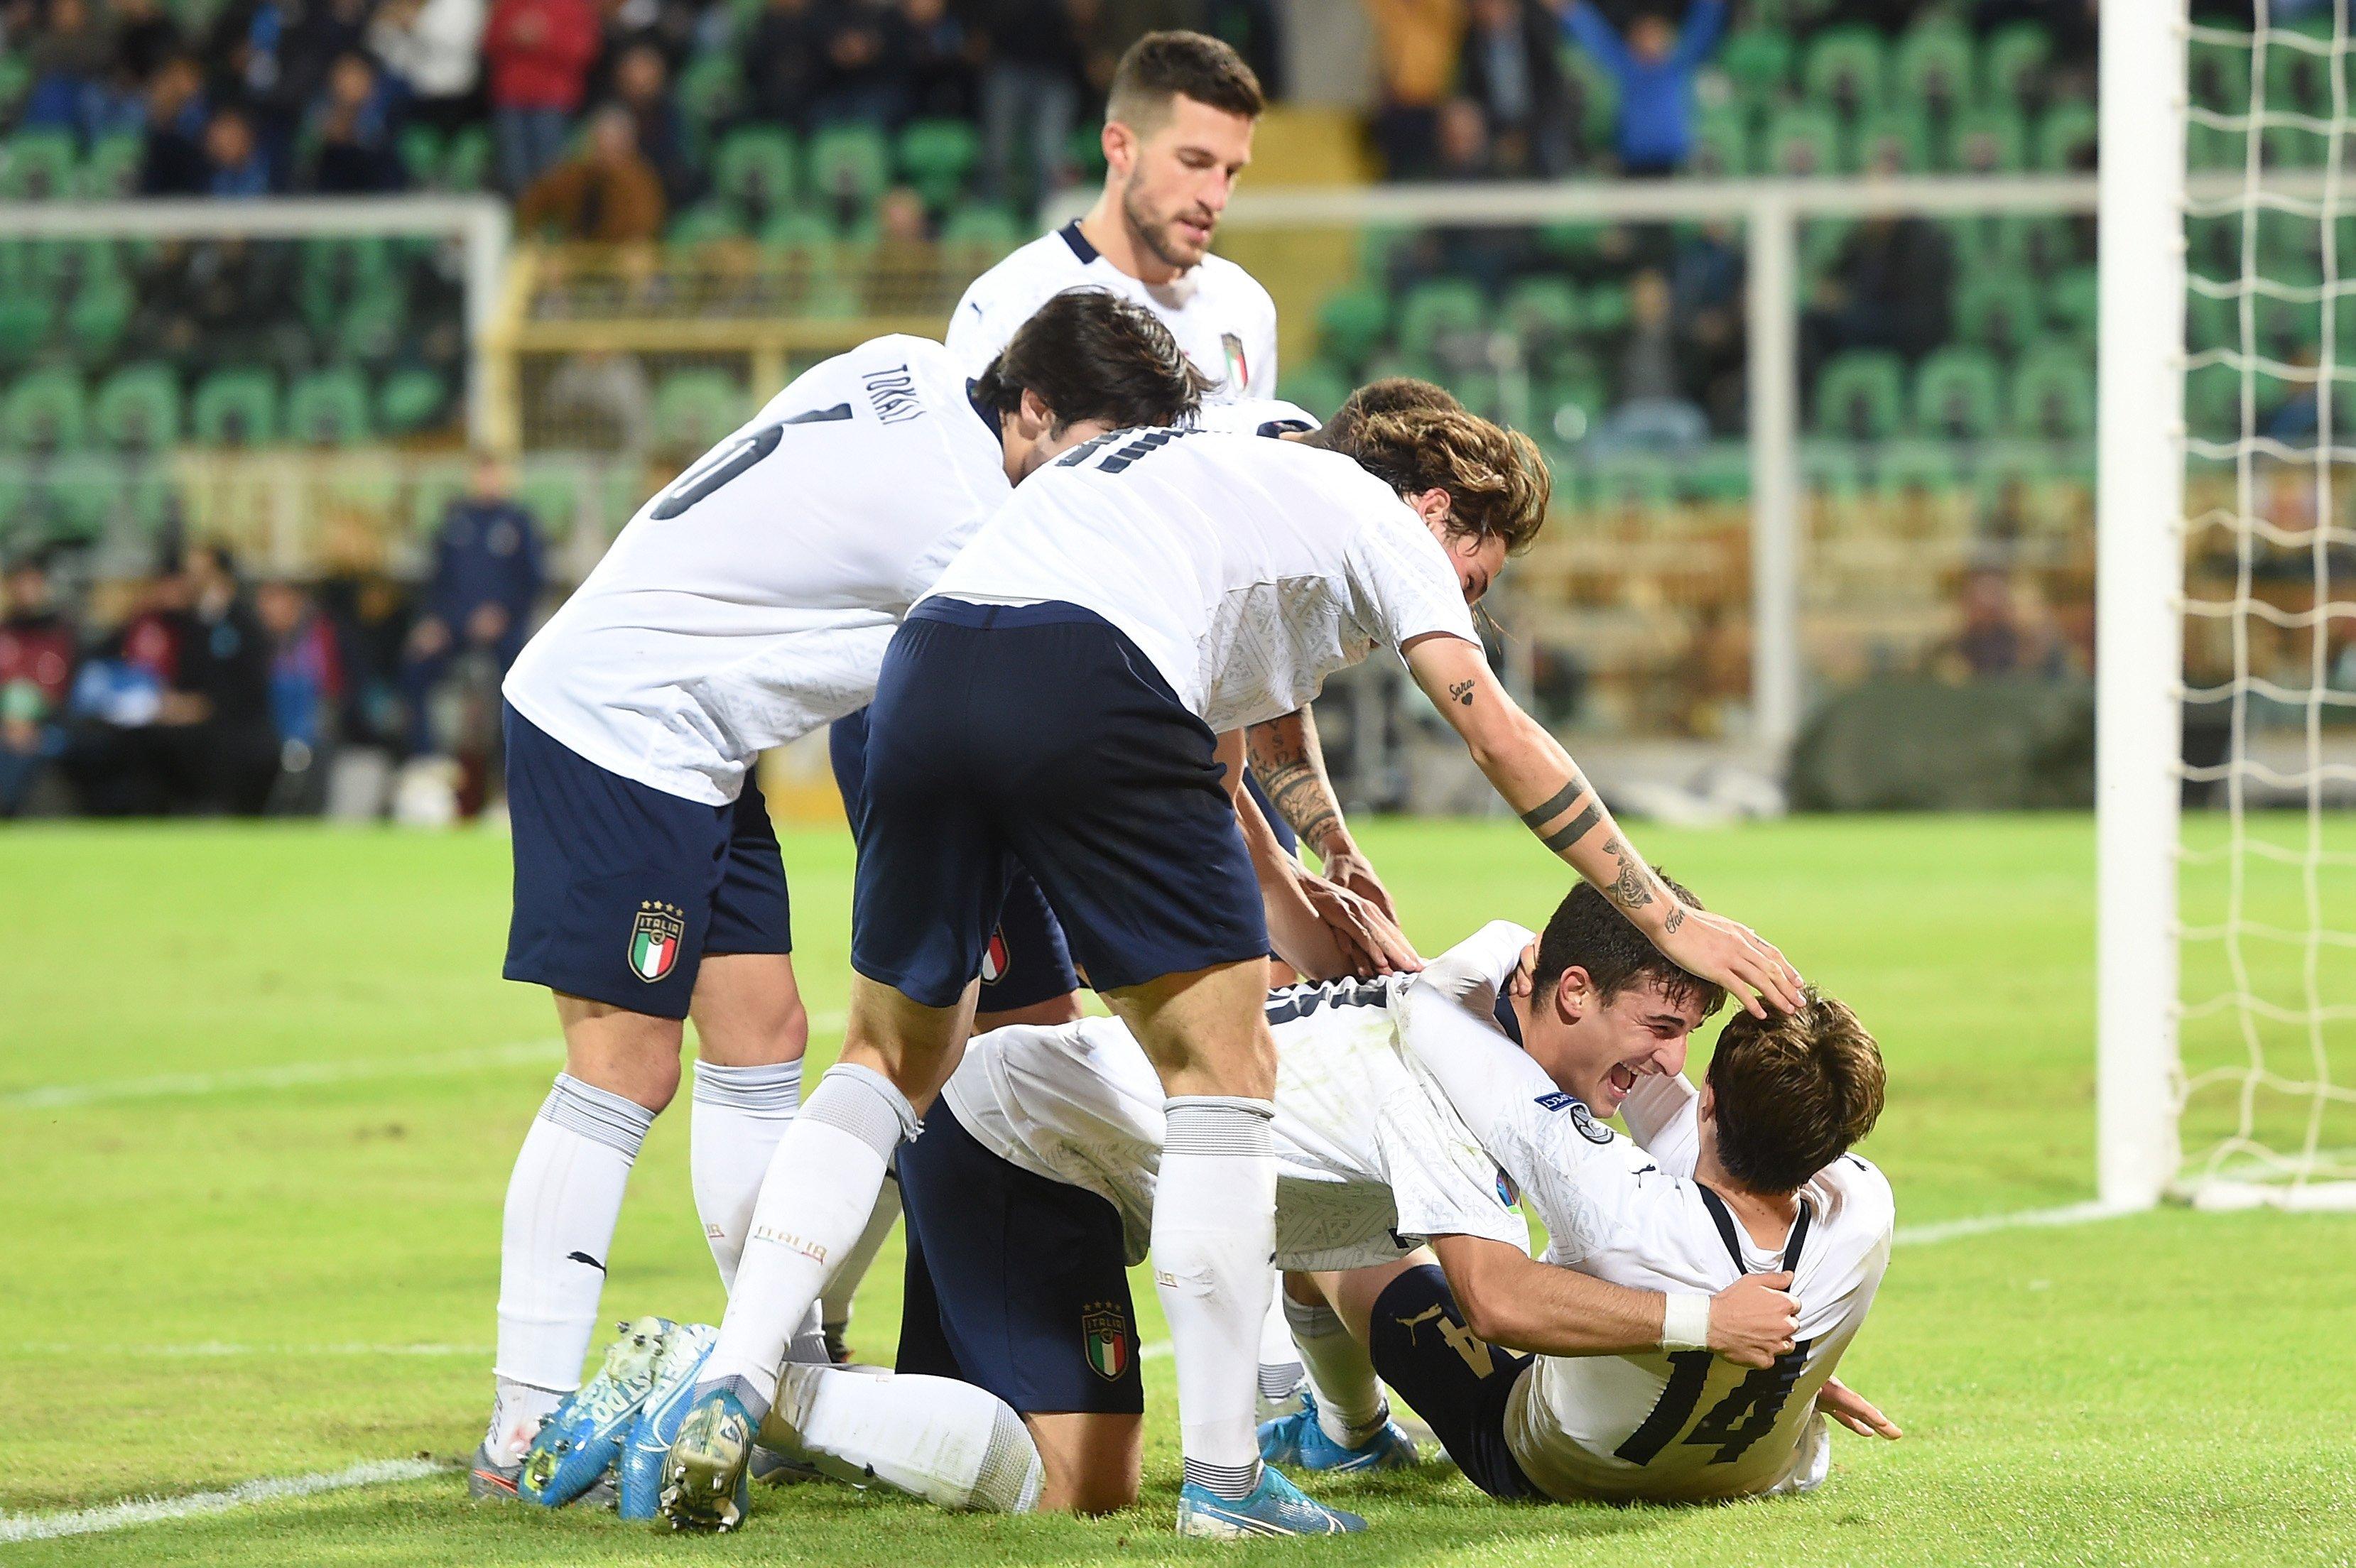 Italia (foto9 y Bélgica son las únicas dos selecciones que han ganado todos sus partidos